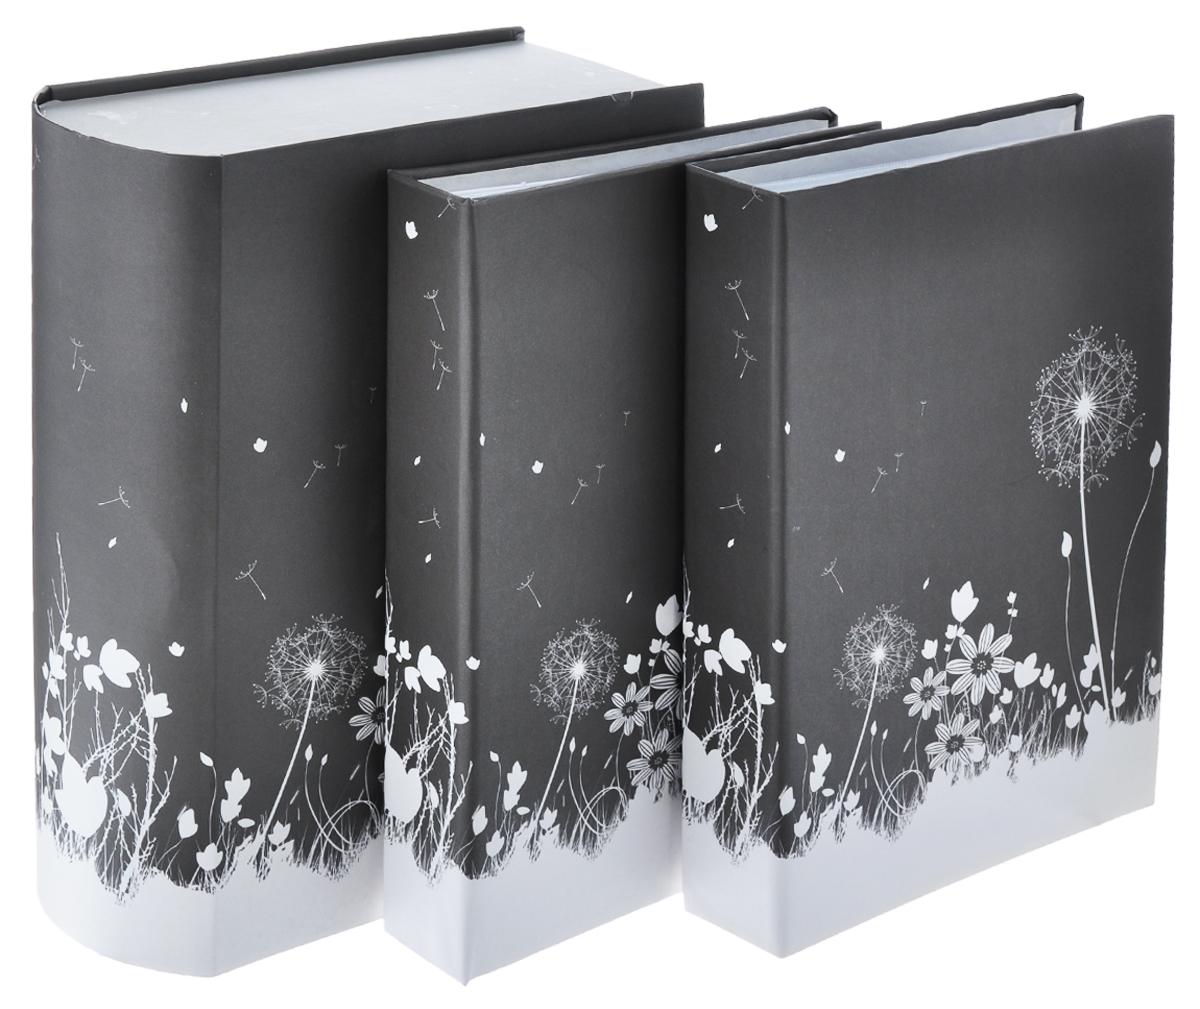 Набор фотоальбомов Image Art Цветы, 120 фотографий, 10 х 15 см, 2 шт240107 IA -240PPНабор Image Art Цветы, состоящий из двух фотоальбомов, поможет красиво оформить ваши фотографии. Обложки фотоальбомов выполнены из толстого картона и оформлены ярким изображением. Внутри содержится блок из 30 листов с фиксаторами-окошками из полипропилена. Каждый альбом рассчитан на 120 фотографий формата 10 см х 15 см (по 2 фотографии на странице). Переплет - книжный. Нам всегда так приятно вспоминать о самых счастливых моментах жизни, запечатленных на фотографиях. Поэтому фотоальбом является универсальным подарком к любому празднику. Комплектация: 2 шт. Количество листов в одном альбоме: 30 шт. Число мест для фотографий в одном альбоме: 120 шт. Размер фотоальбома: 25,5 см х 18,5 см х 4 см.